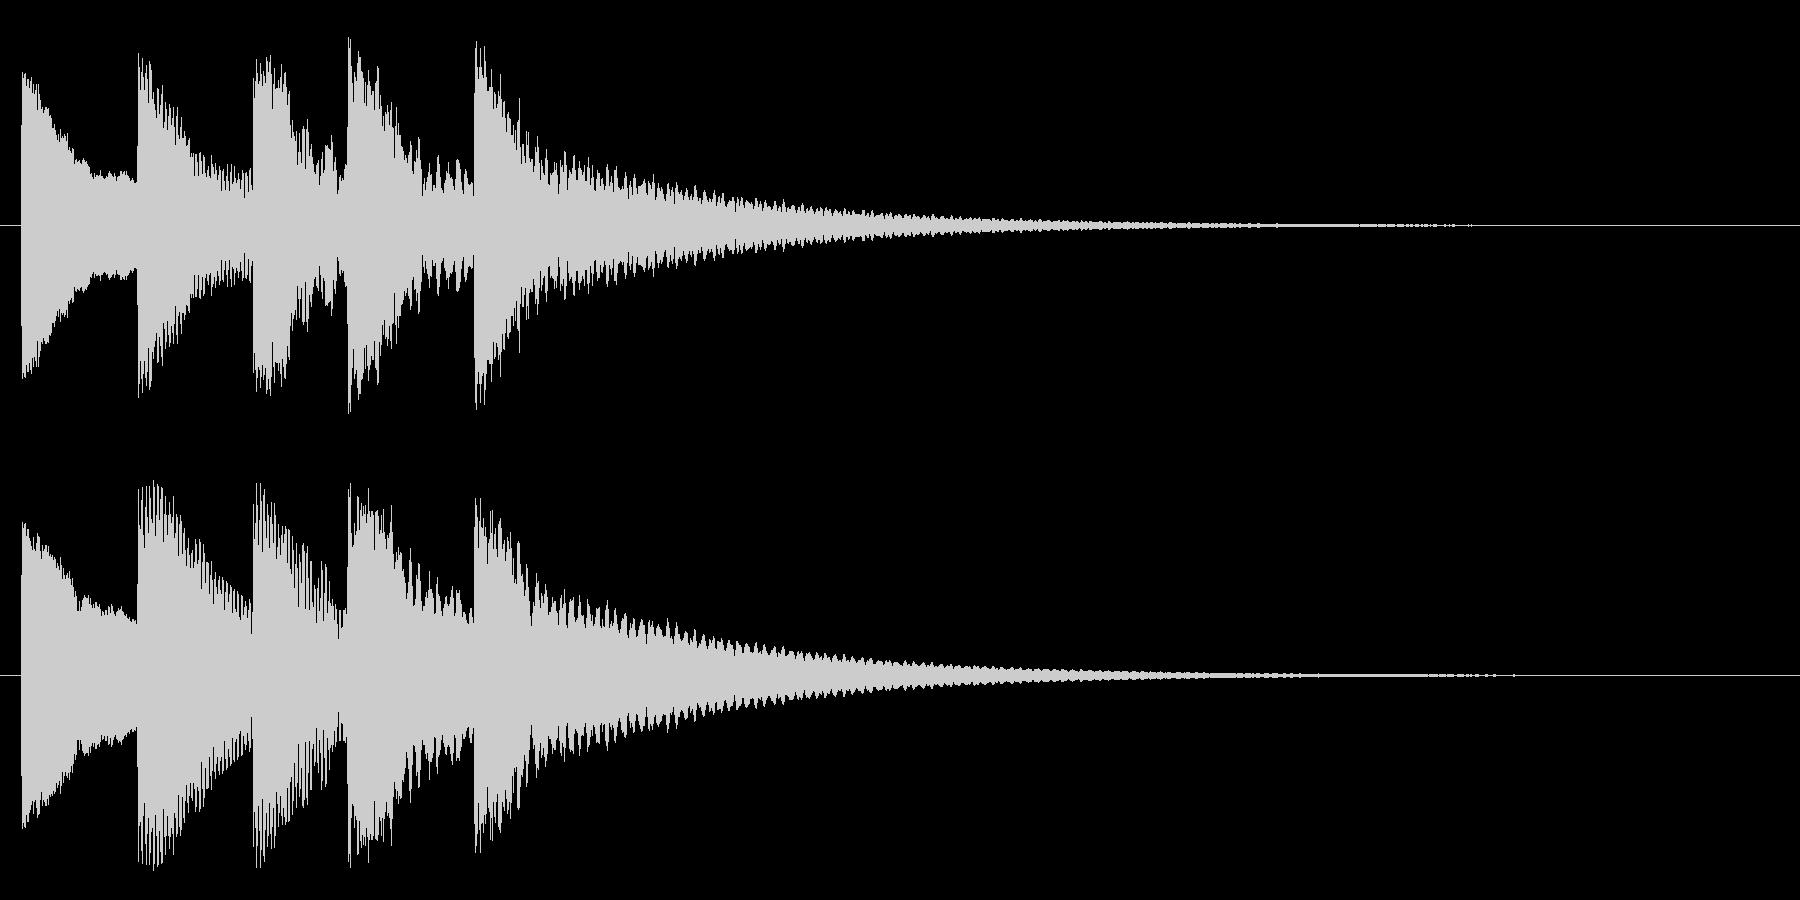 ティトンテントンティーン(物悲しい)の未再生の波形